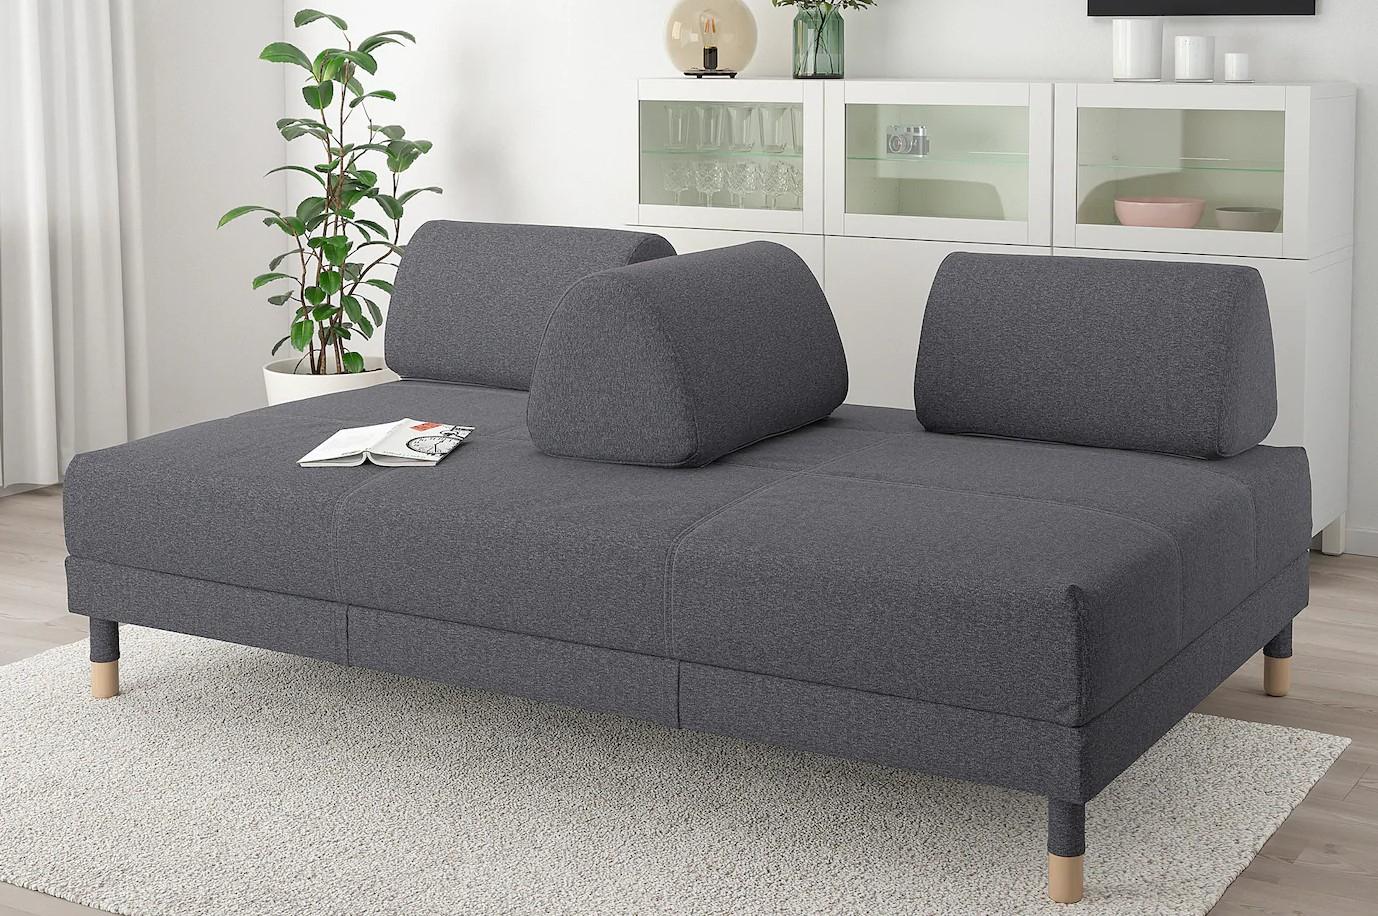 Canapé Convertible Ikea : 30 Modèles Pratiques Et Confort ... avec Canape Convertible Original